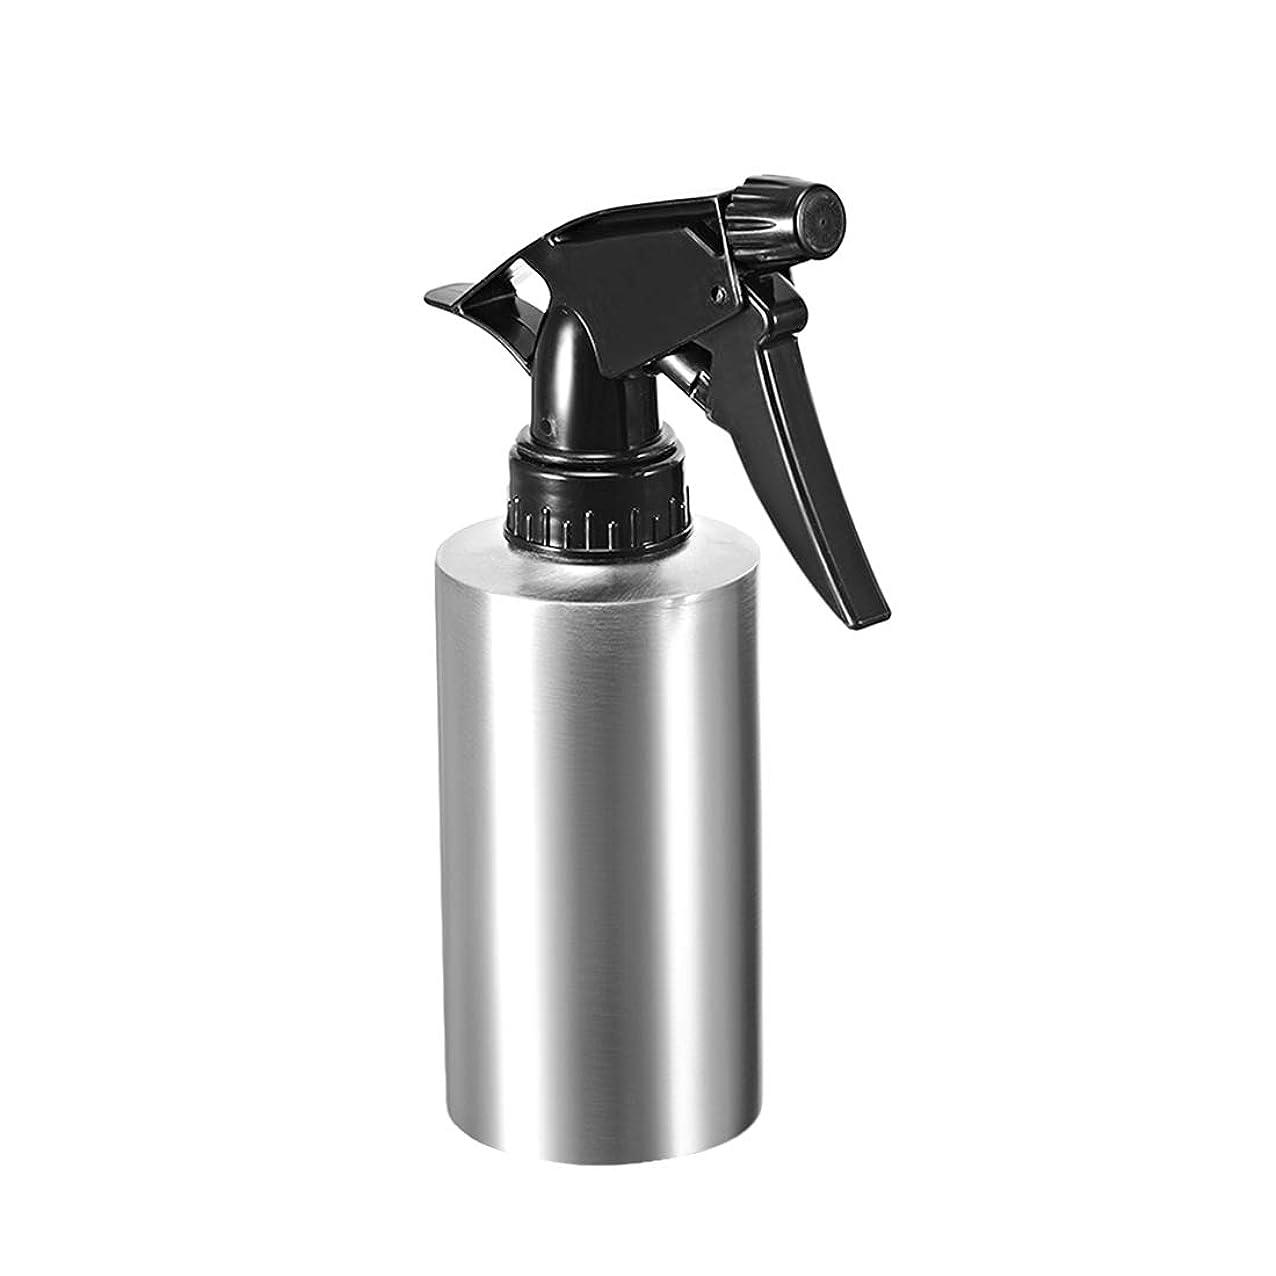 挨拶する事実上選出するuxcell uxcell スプレーボトル 304ステンレス鋼 ファインミストスプレー付き 空の詰め替え容器 8.5oz/250ml